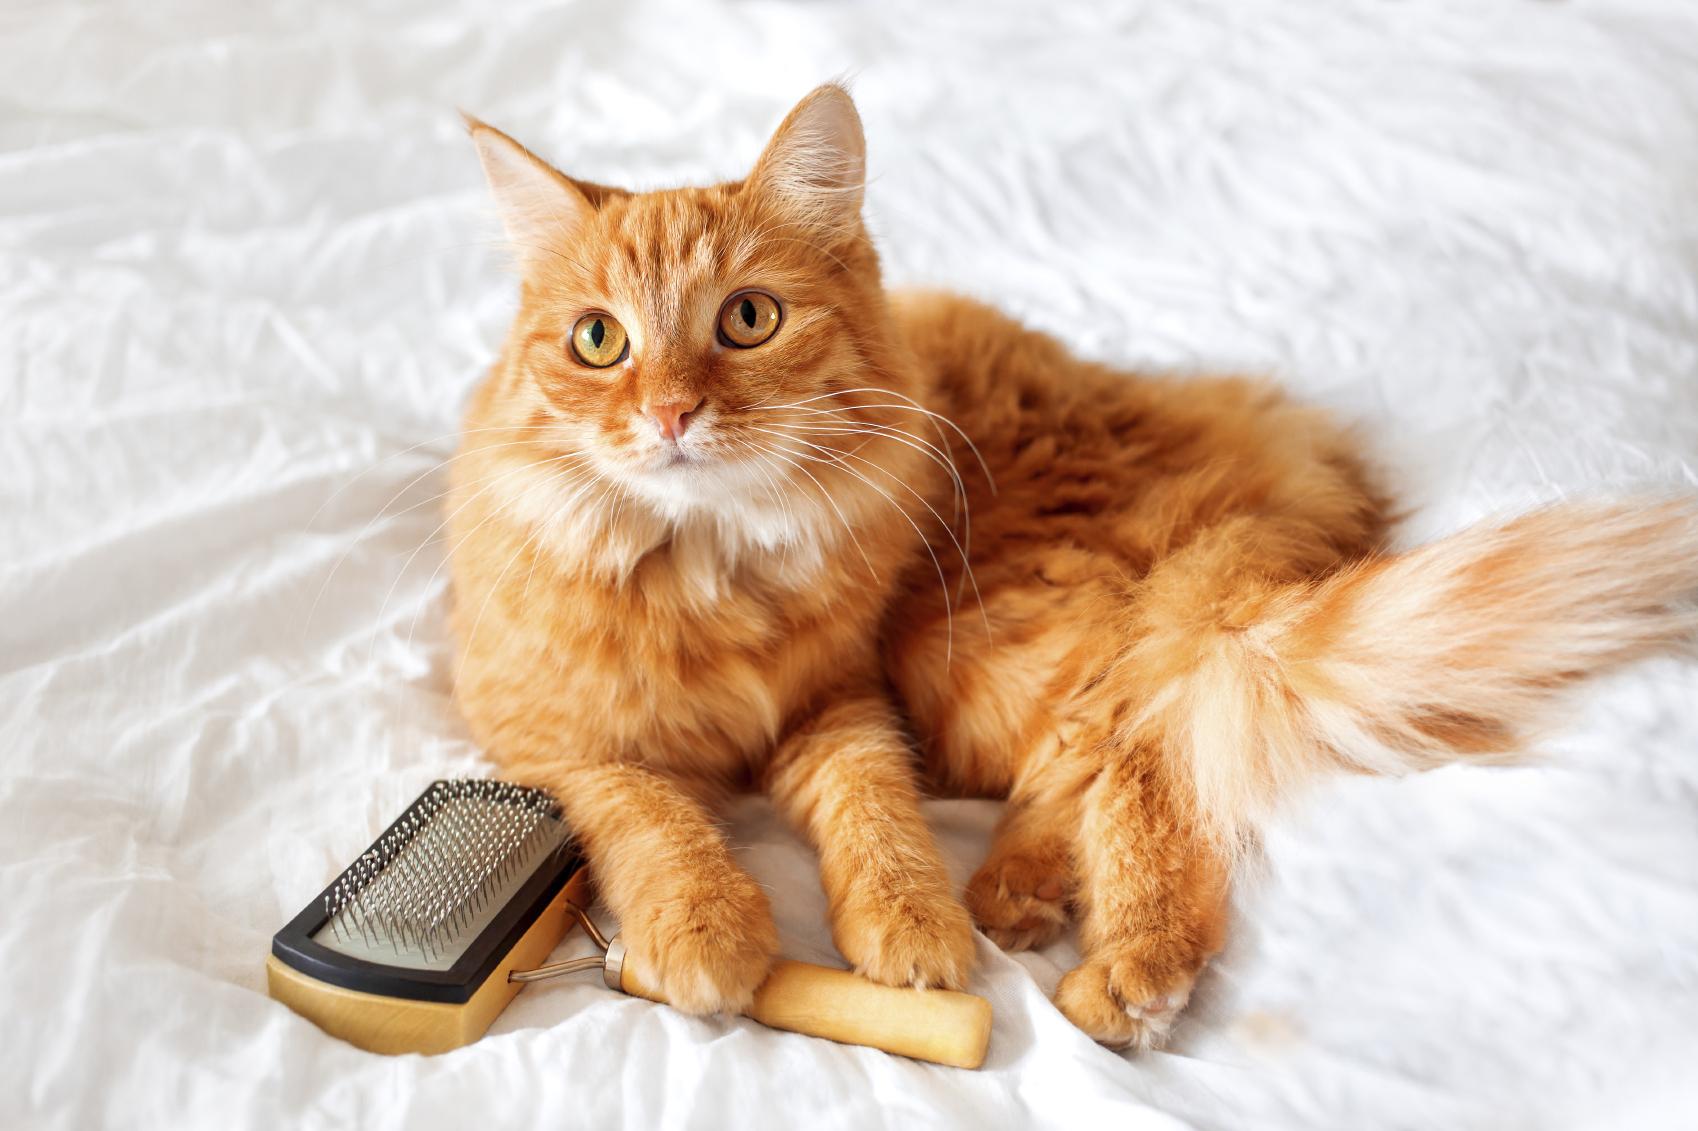 Cat grooming tips blain s farm amp fleet blog